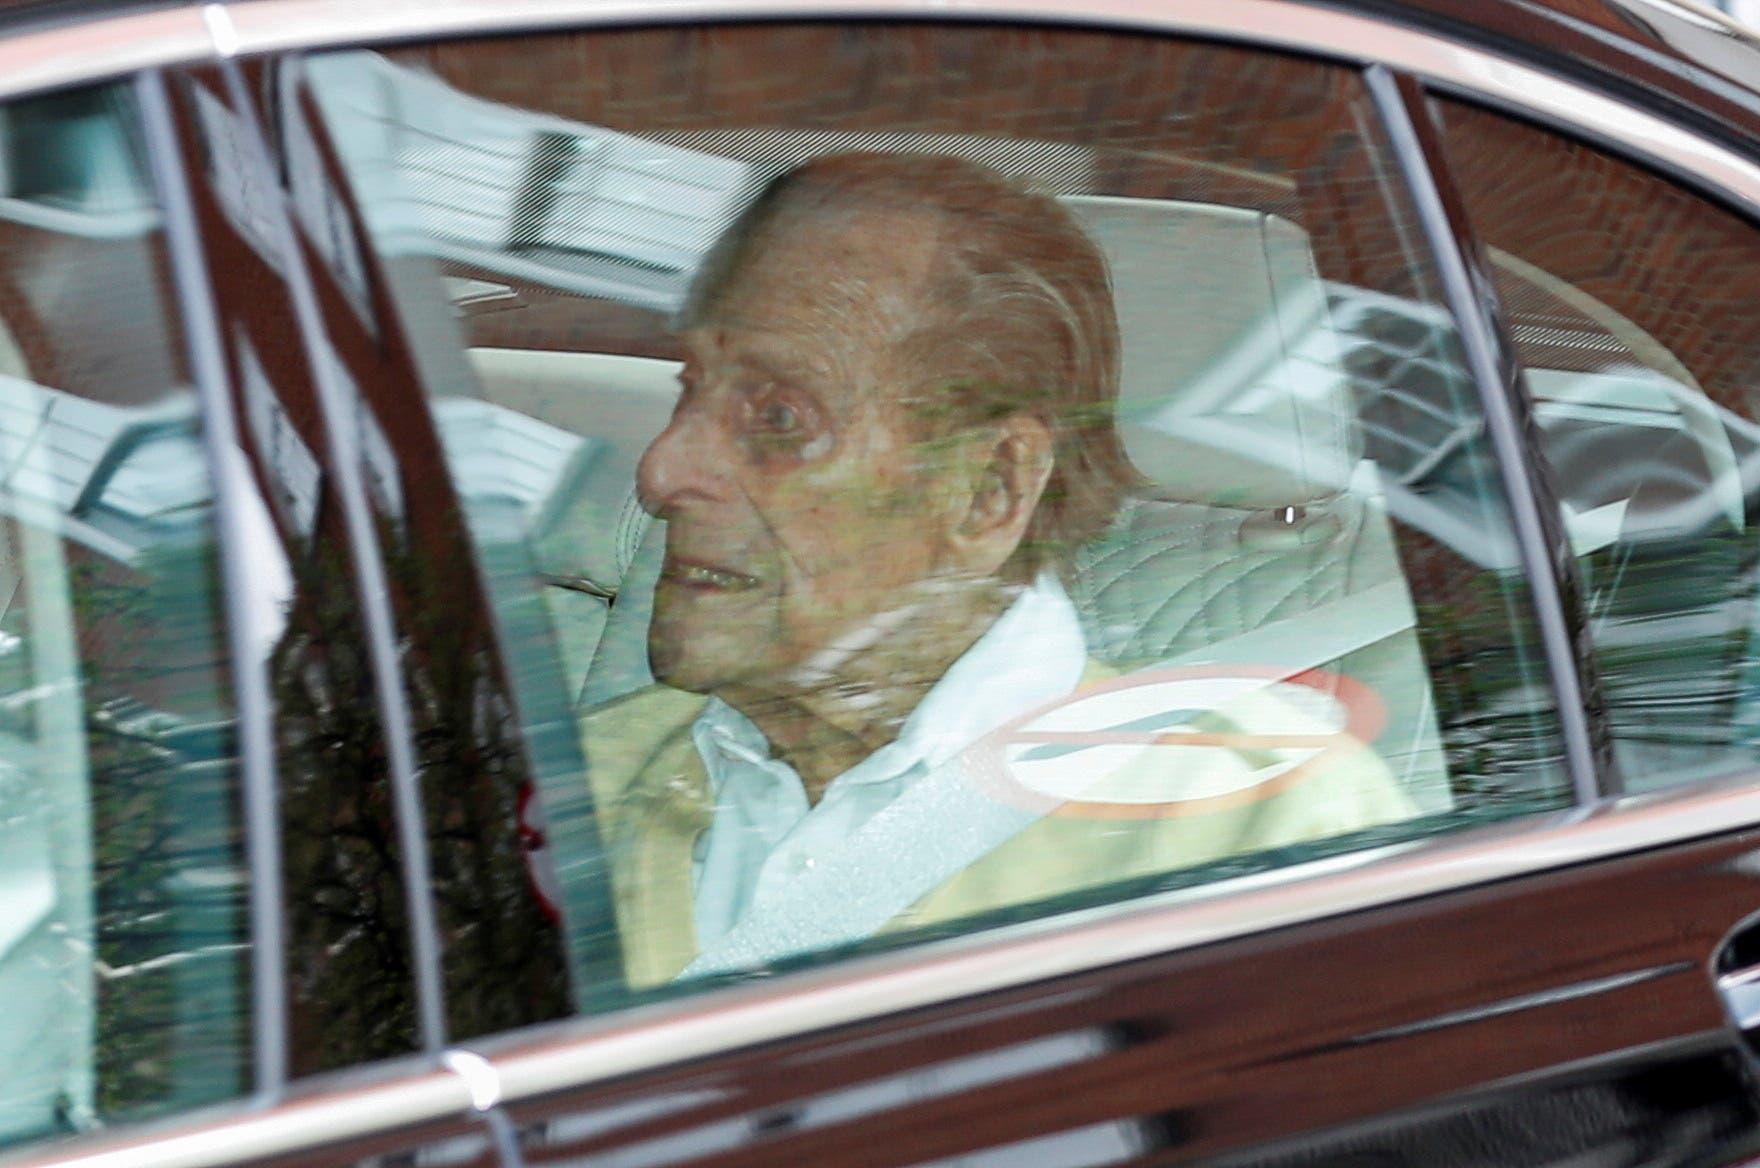 الأمير فيليب أثناء مغادرة المستشفى (أرشيفية)